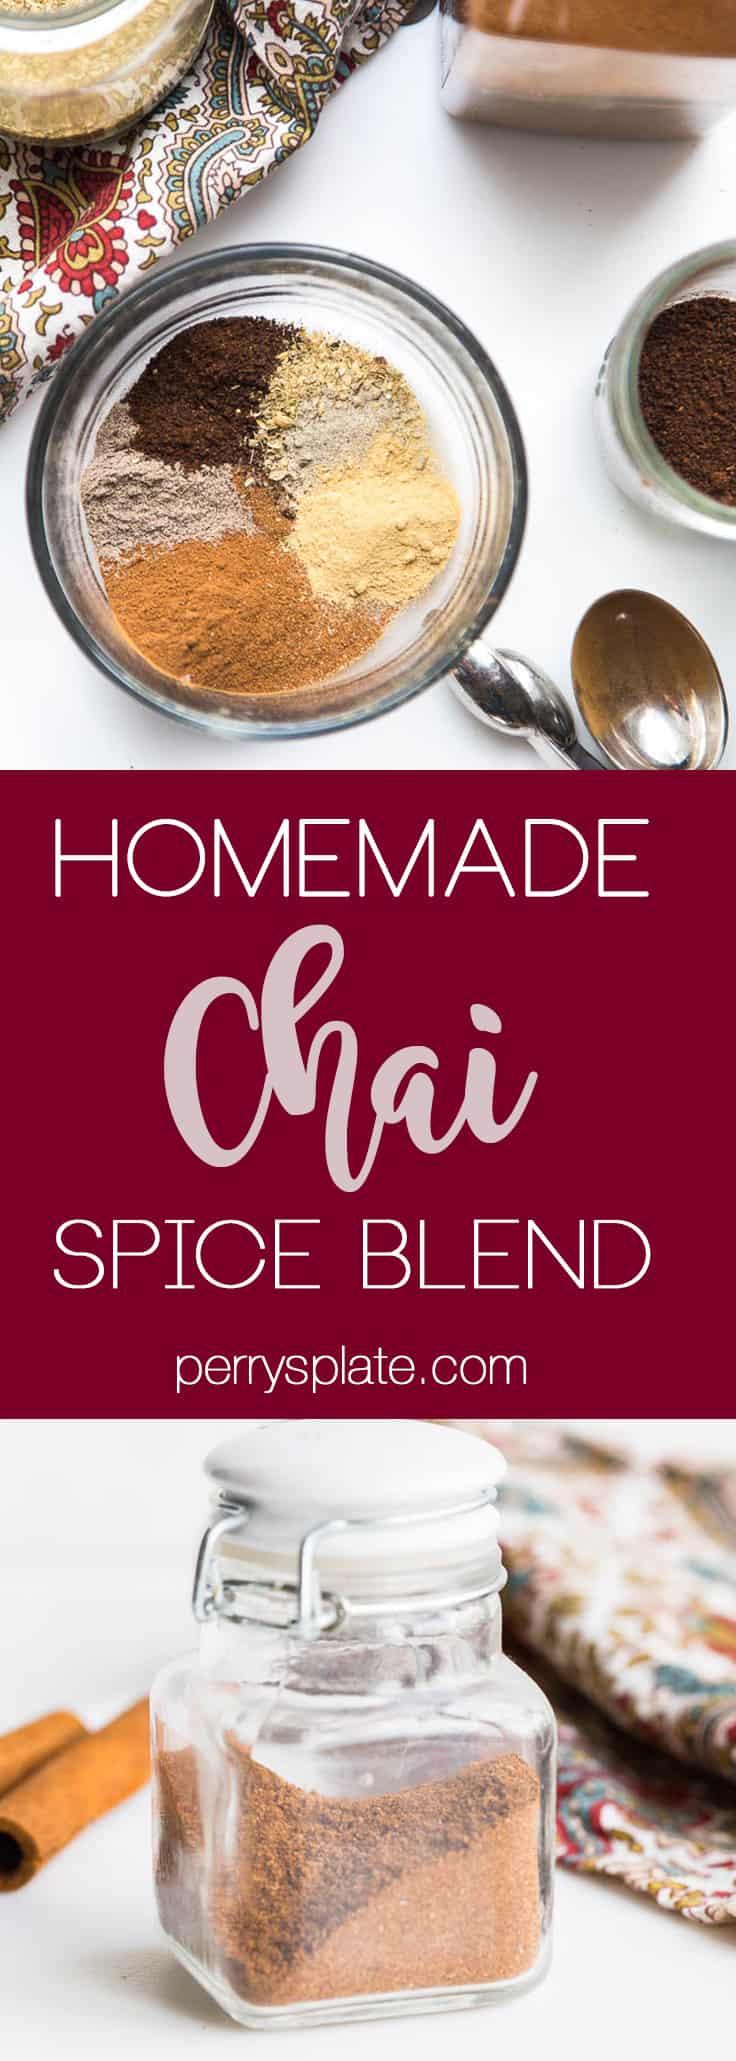 Homemade Chai Spice Blend | chai recipes | spice blends | diy recipes | sugar free recipes | perrysplate.com